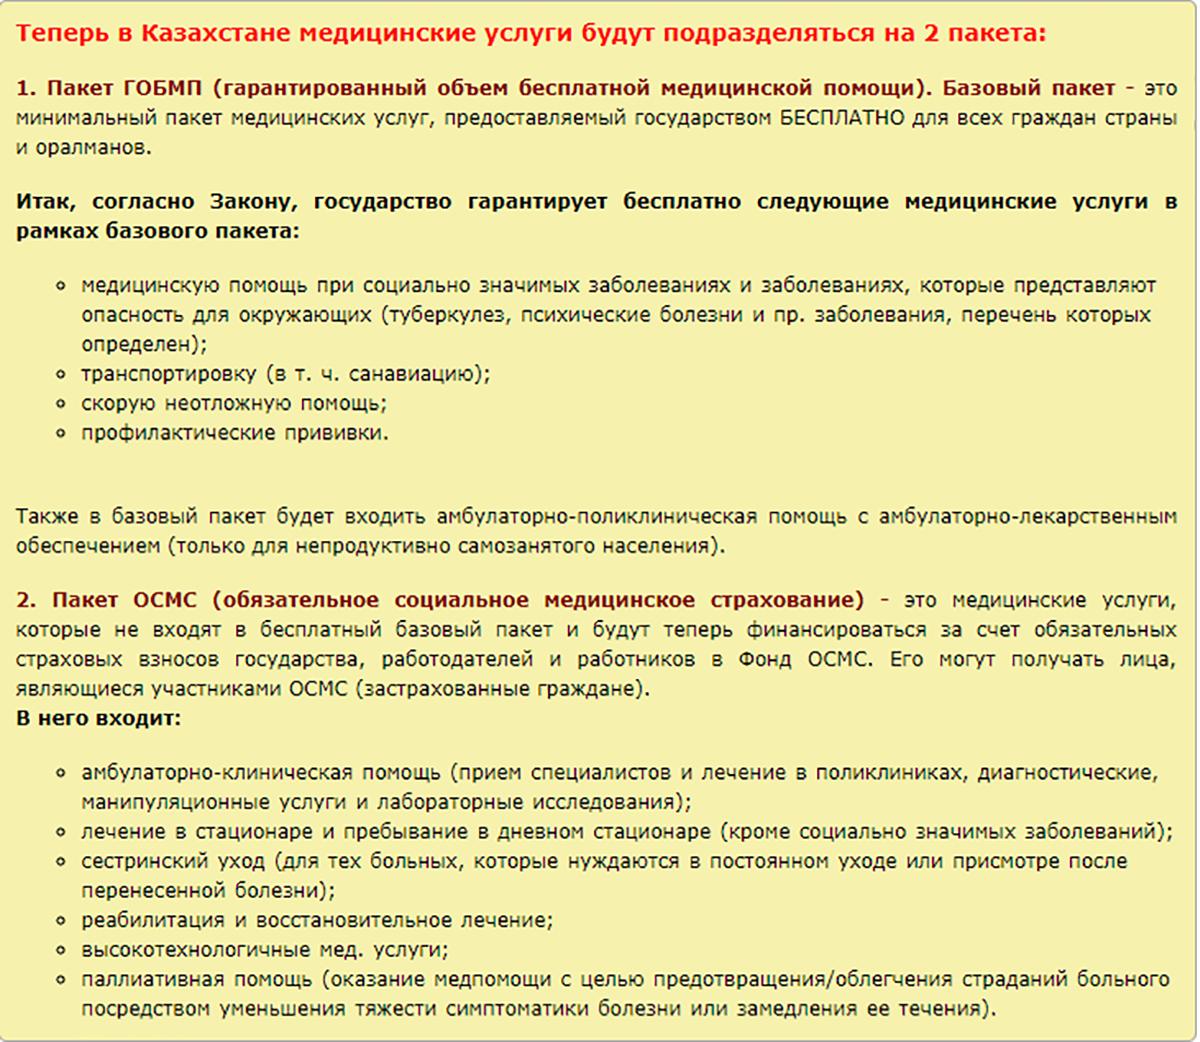 Внедрение ОСМС в Казахстане с 1 января 2020 года, кто и сколько будет платить, пакеты ГОБМП и ОСМС